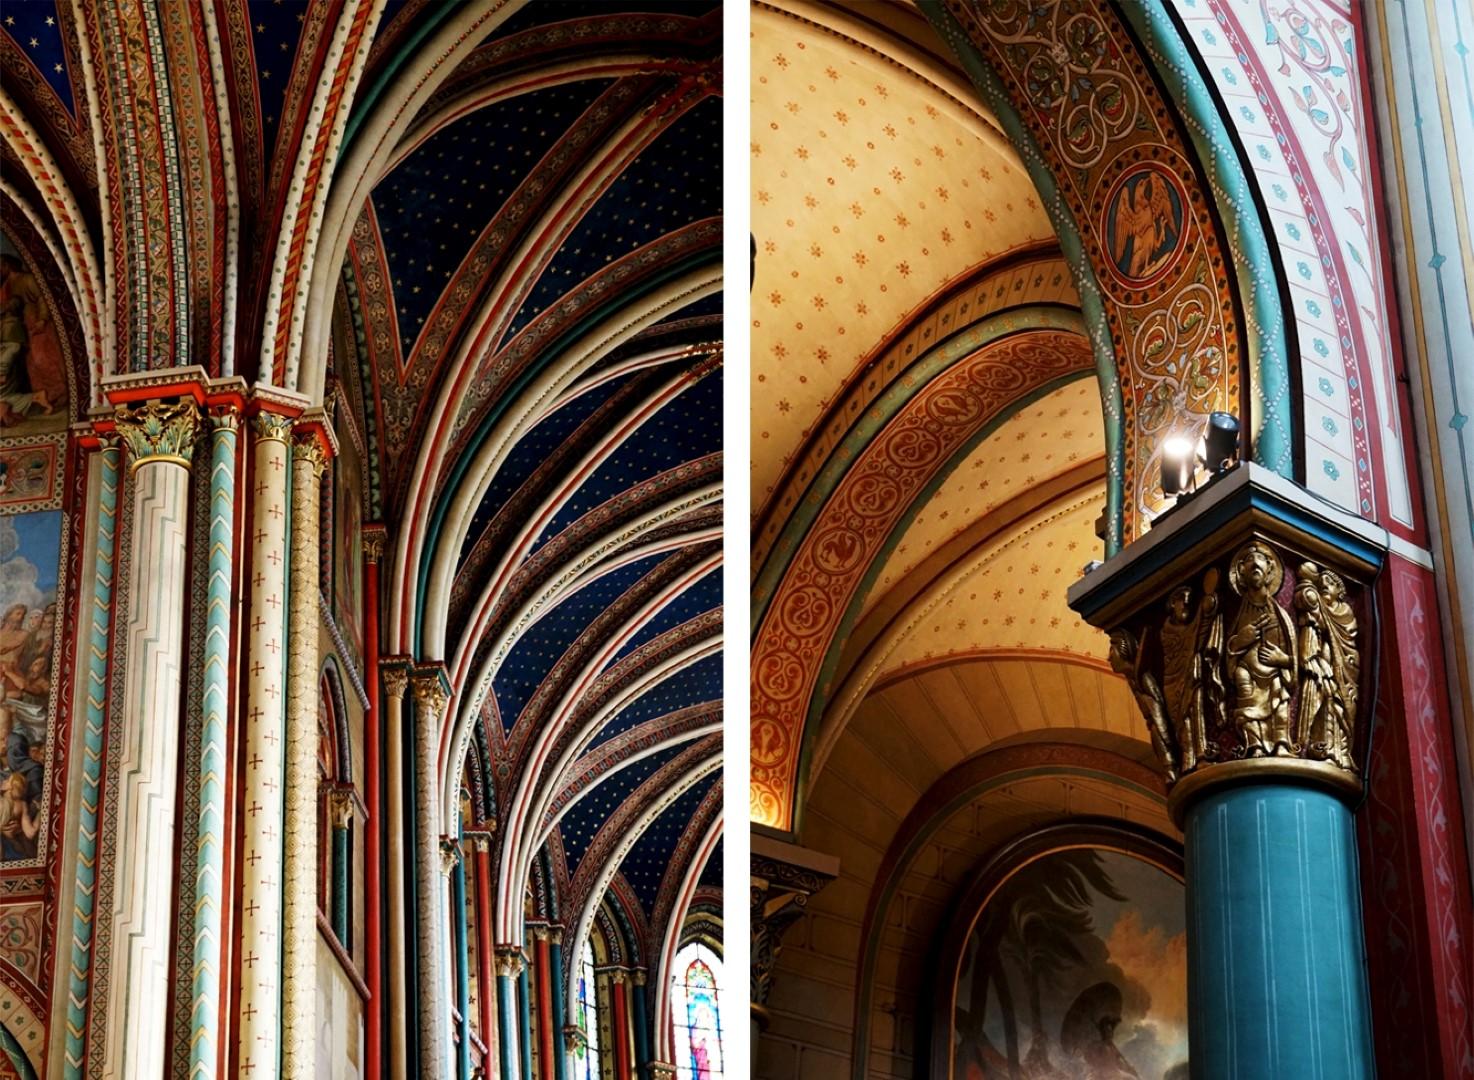 Balade dans le 7e - de Saint Germain au Gros Caillou - Eglise Saint Germain des Prés